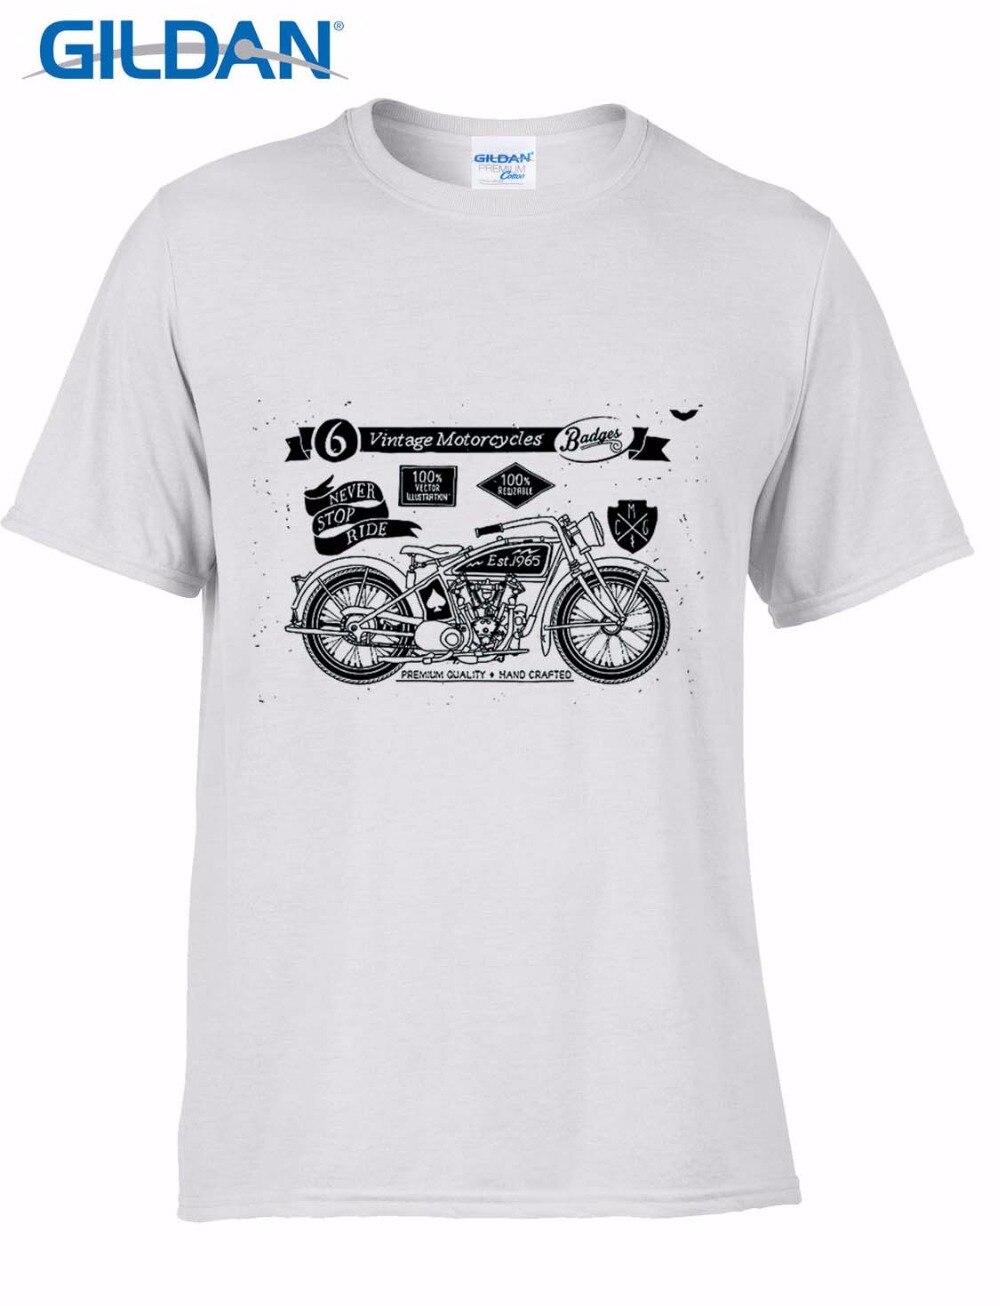 100% Cotton T-Shirt Men 2017 Summer Cheap Sale Pre-Cotton T Shirts For MenS Vintage Motorcycles Fans Hot Sale Tee Shirt